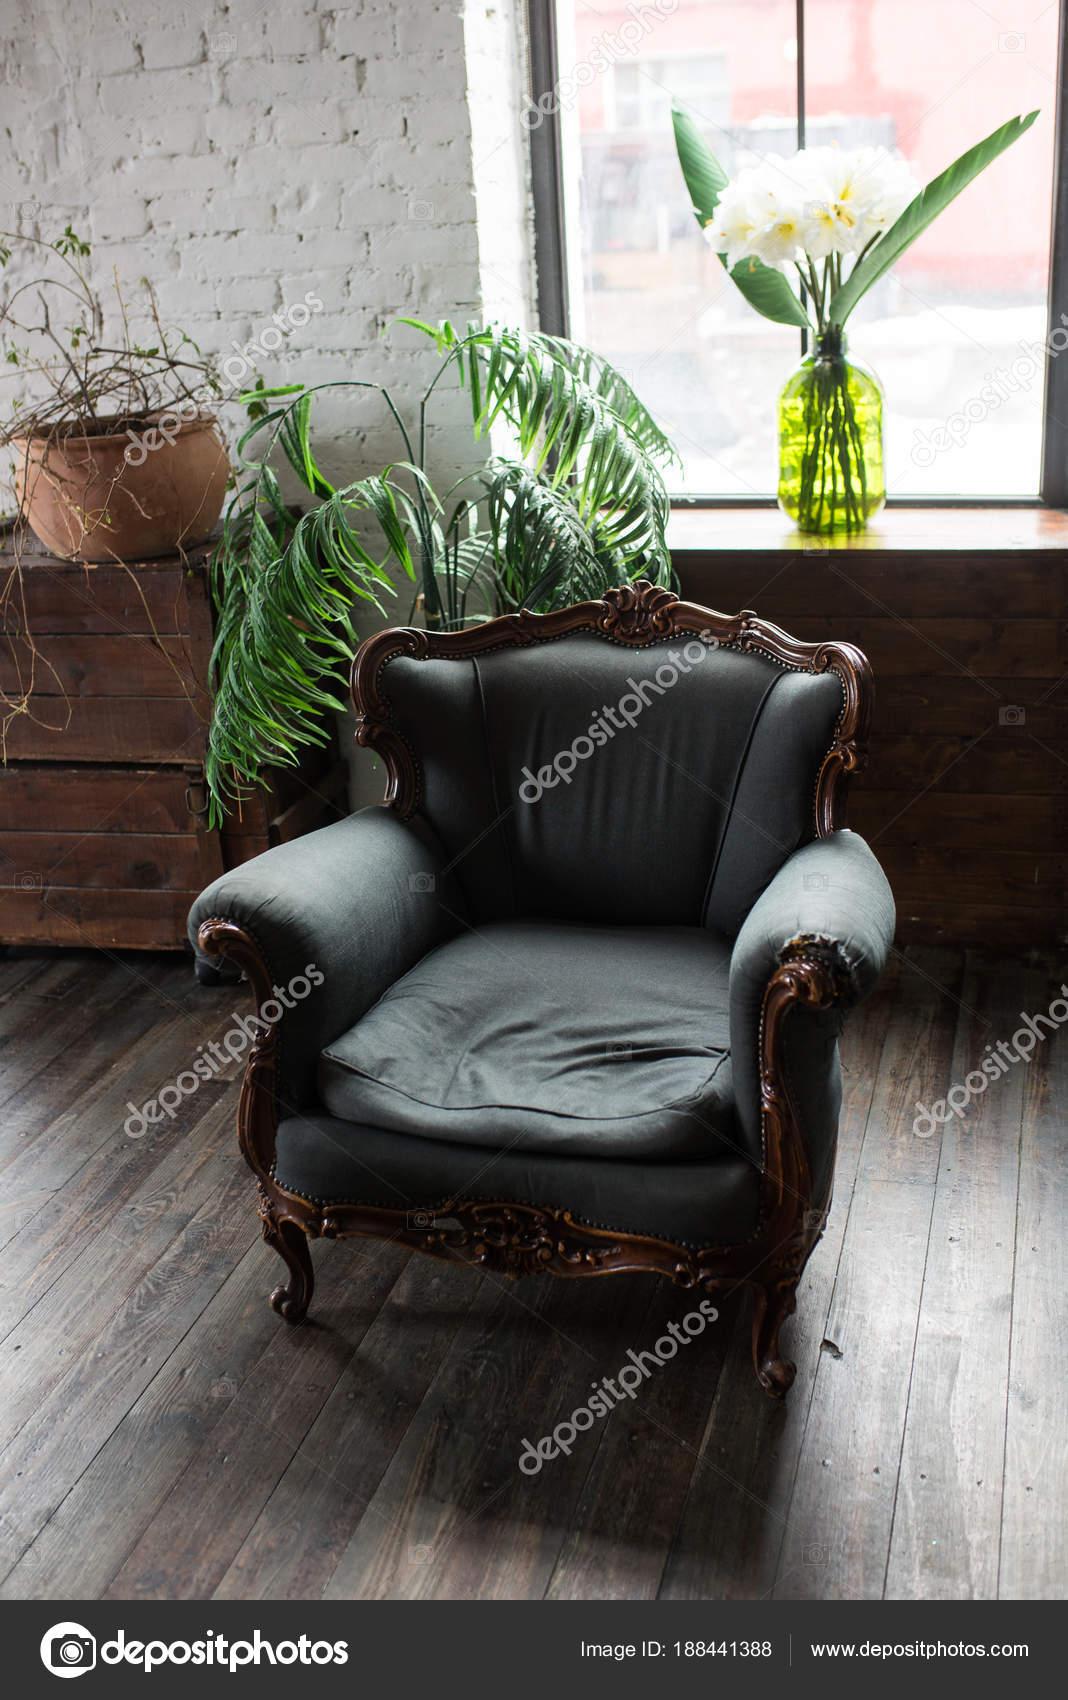 Klassischen Stil Grünen Sessel Sofacouch Vintage Zimmer Luxuriöse